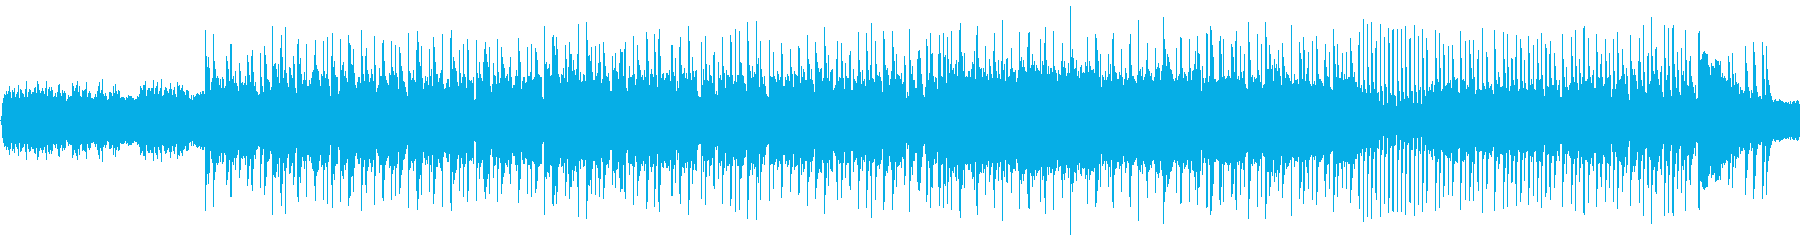 グイグイ一気に引き込む圧倒的ハードロックの再生済みの波形